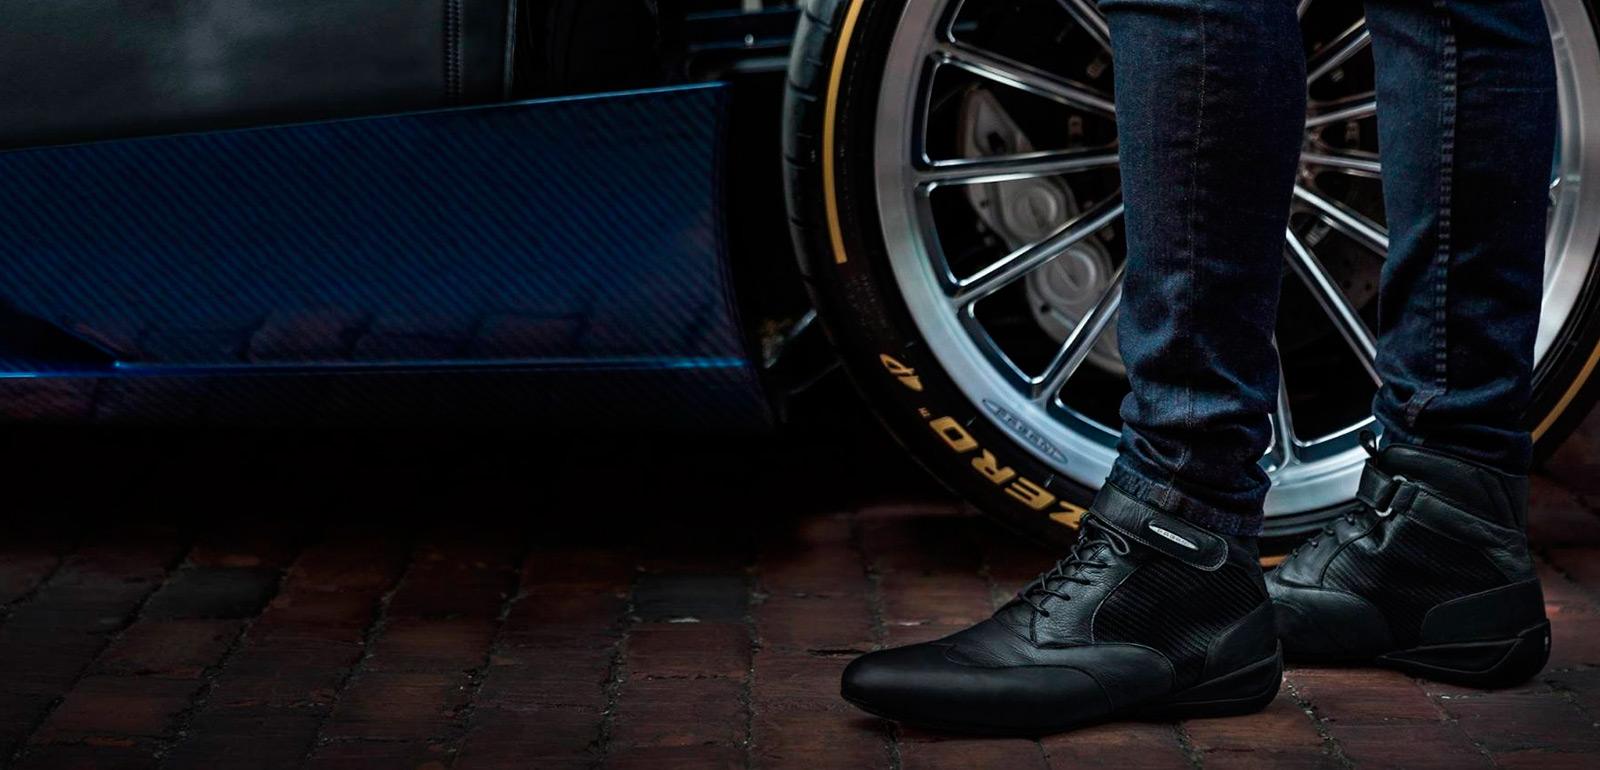 Piloti Roadster Driving Boot